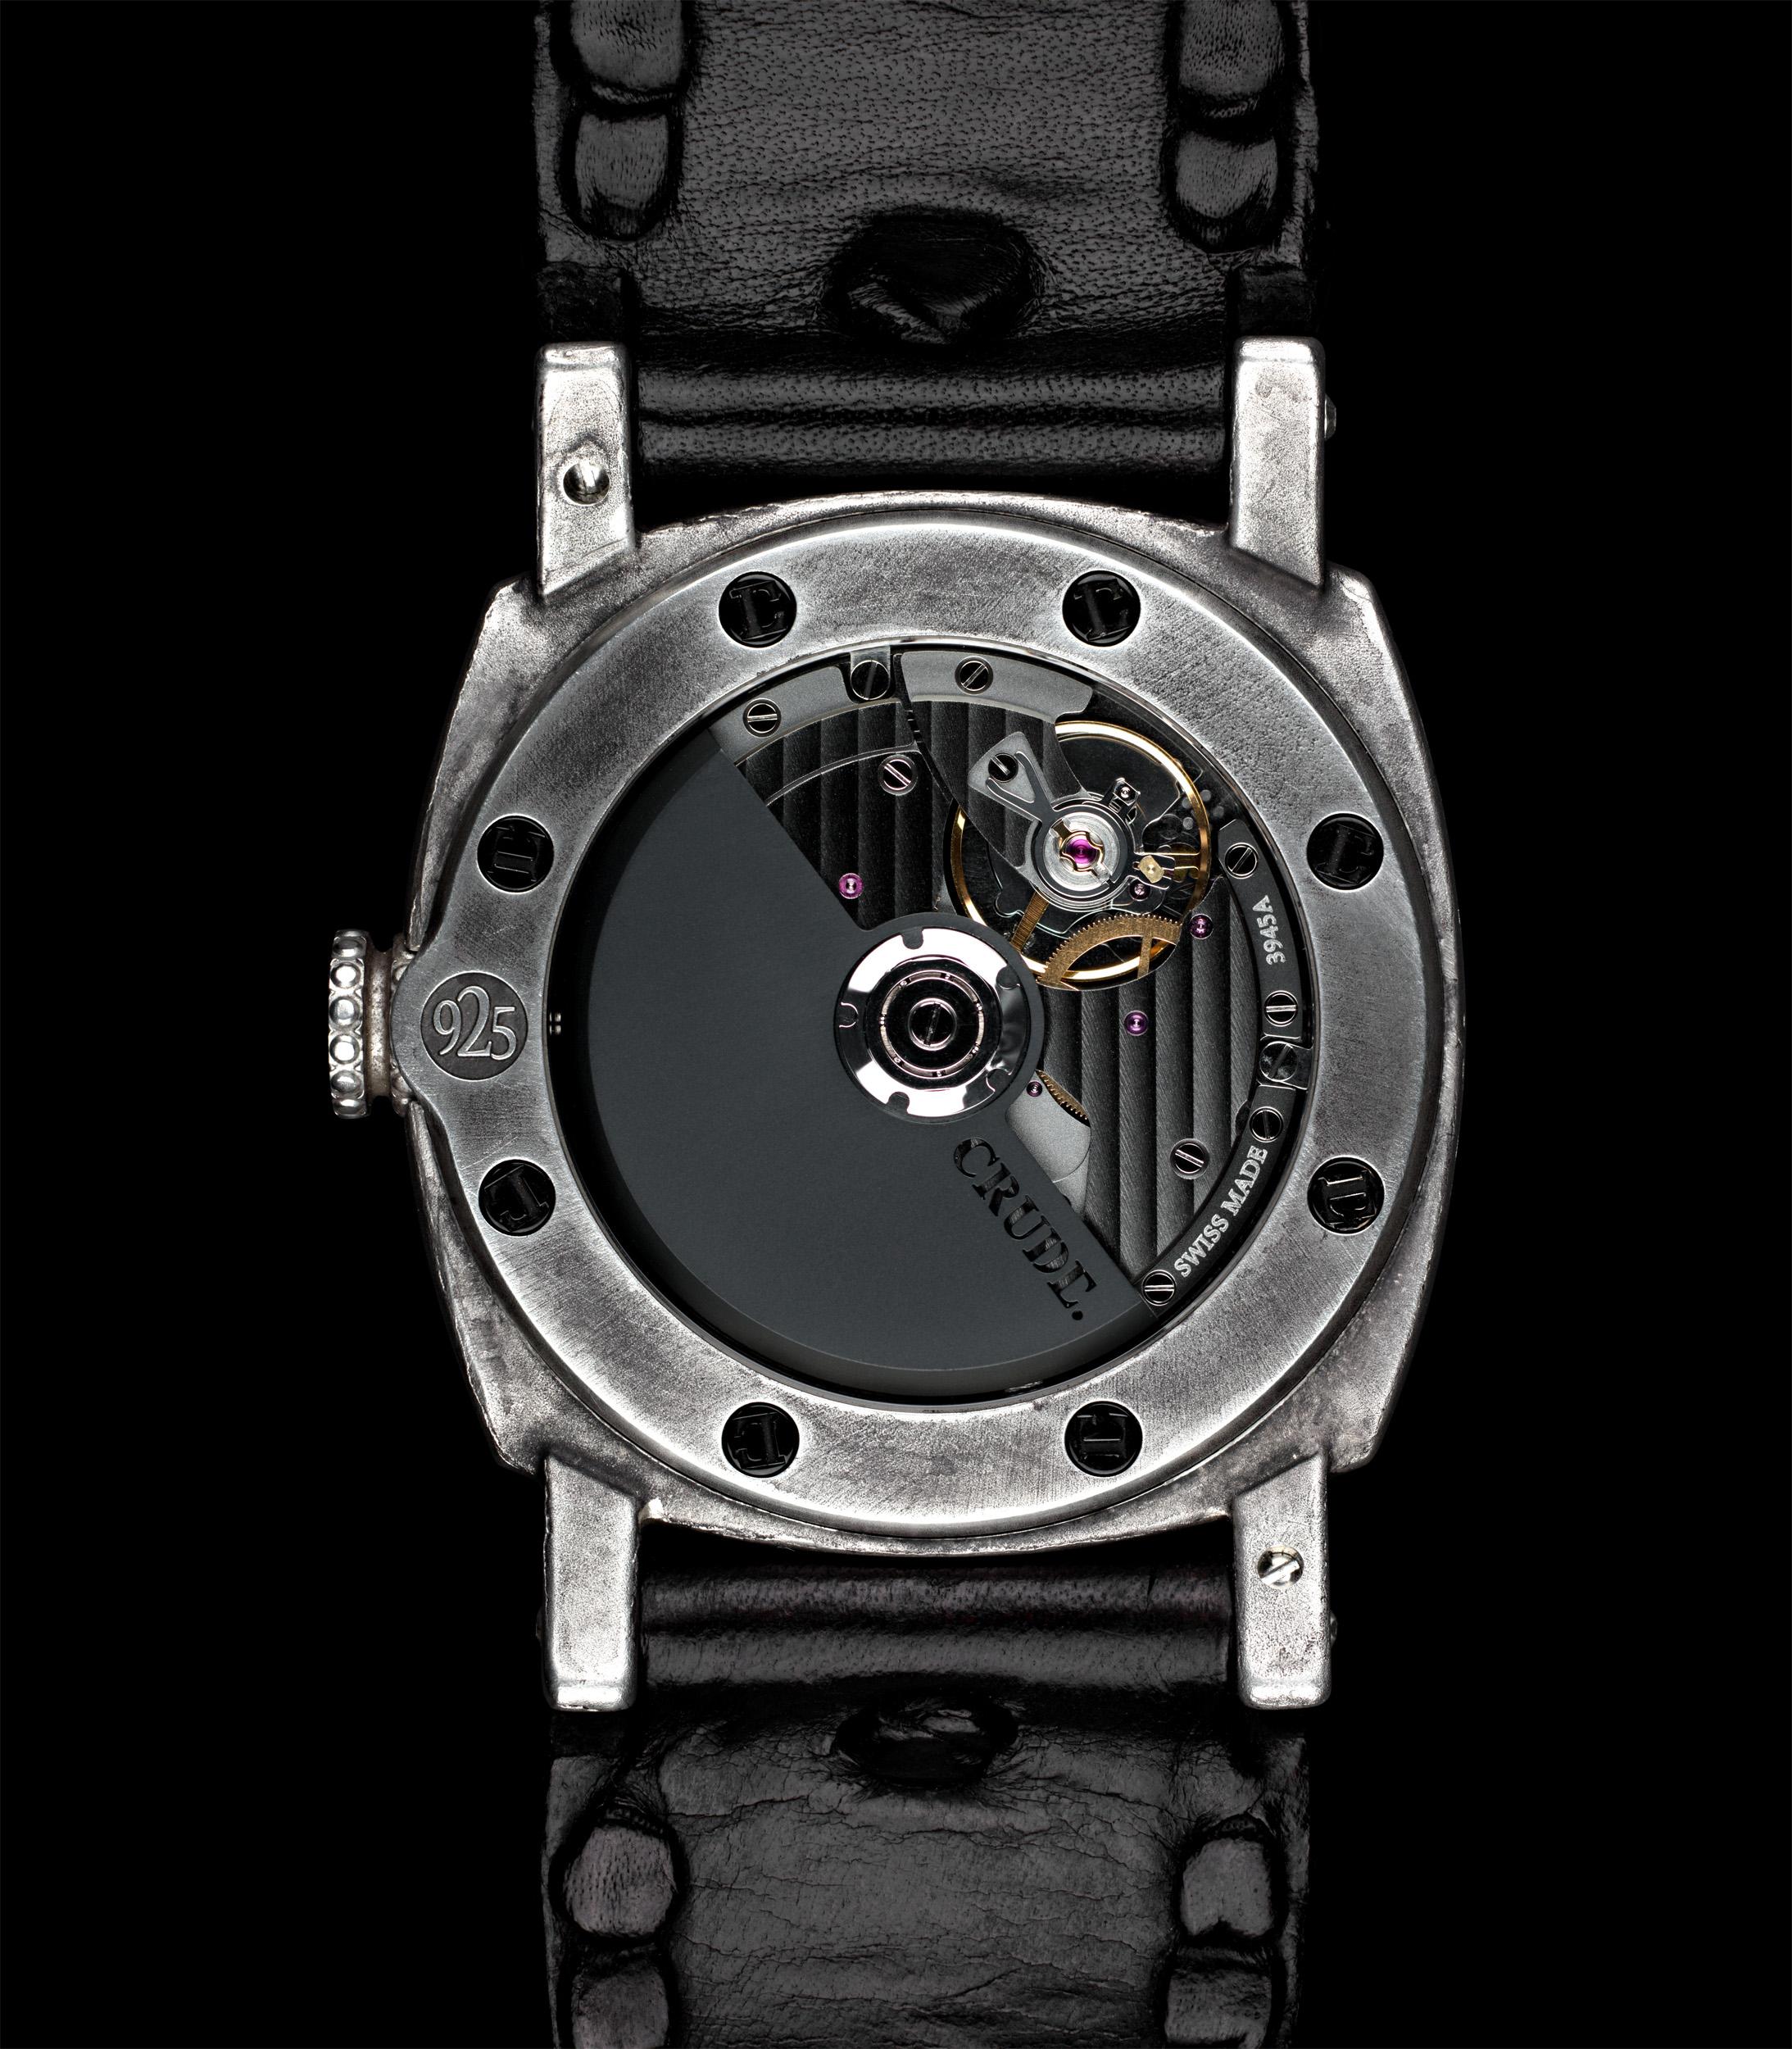 Screen-Crude-Modell-8-hinten-schwarz